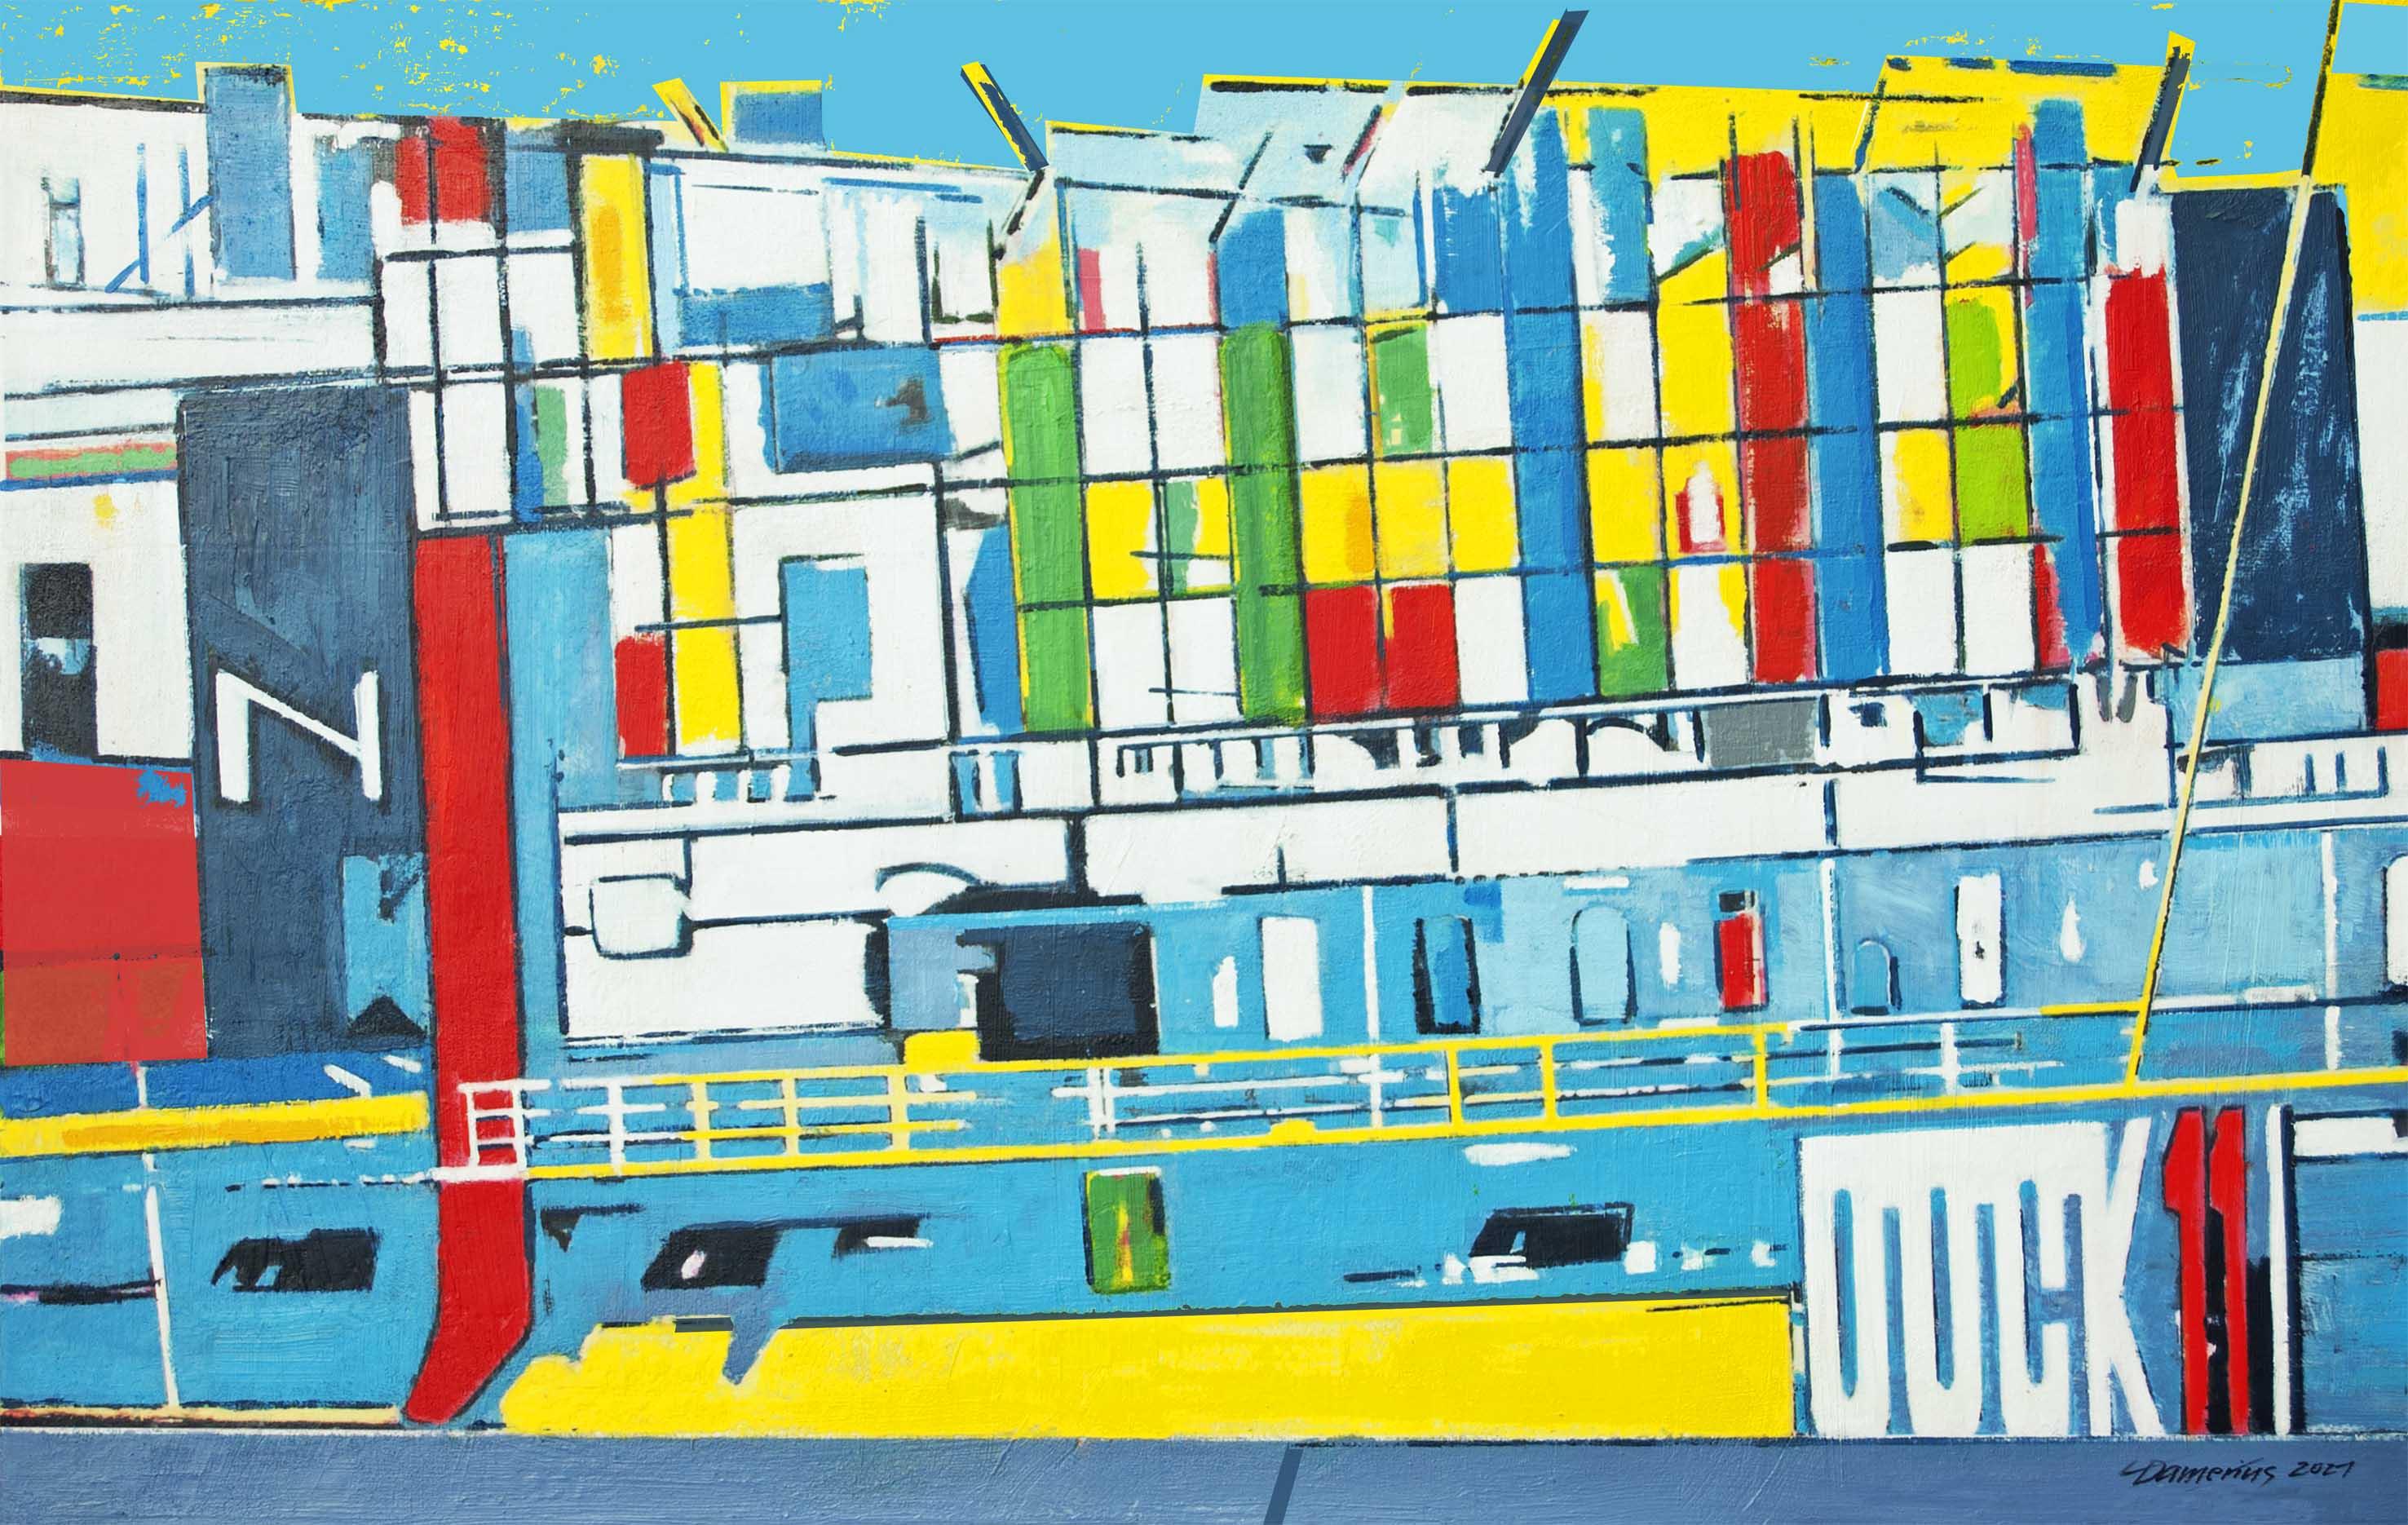 hamburg hafenimpression dock 11,hamburger hafenbilder,hafenfotos,containerschiffe,moderne deutsche malerei,auftragsbilder,acrylmalerei moderne,einlaufende schiffe,bilderwände gestalten tipps,kunstdrucke gemälde für büros wohnzimmer,moderne hamburger maler,auftragsmaler hamburg,moderne bilder kaufen,hafenbilder kaufen,hamburger hafen in bildern,